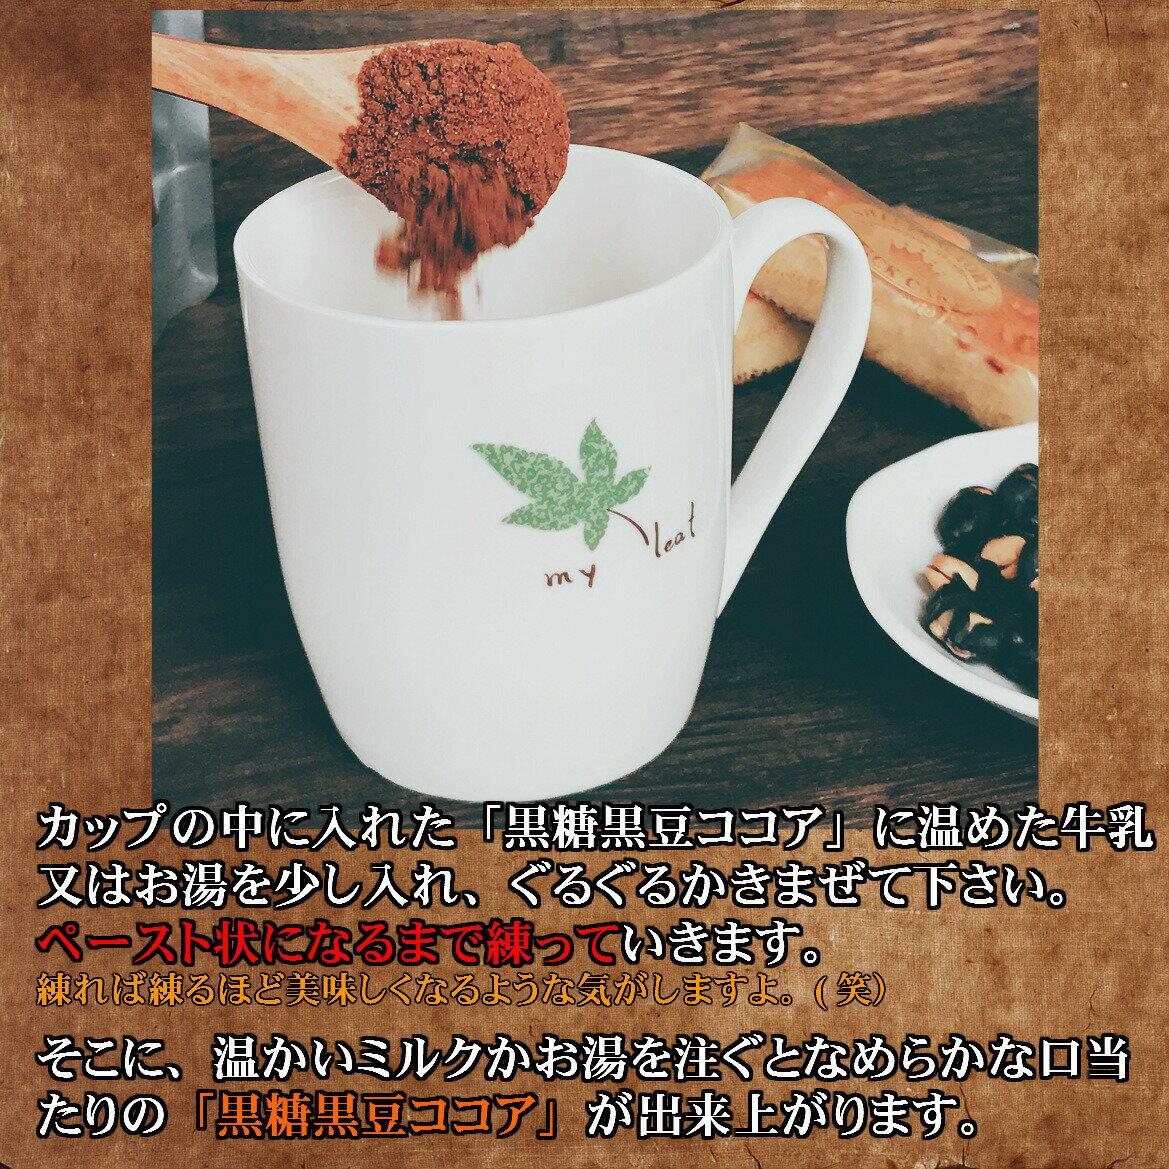 丹波黒 黒糖黒豆ココア 200g 【メール便】...の紹介画像3